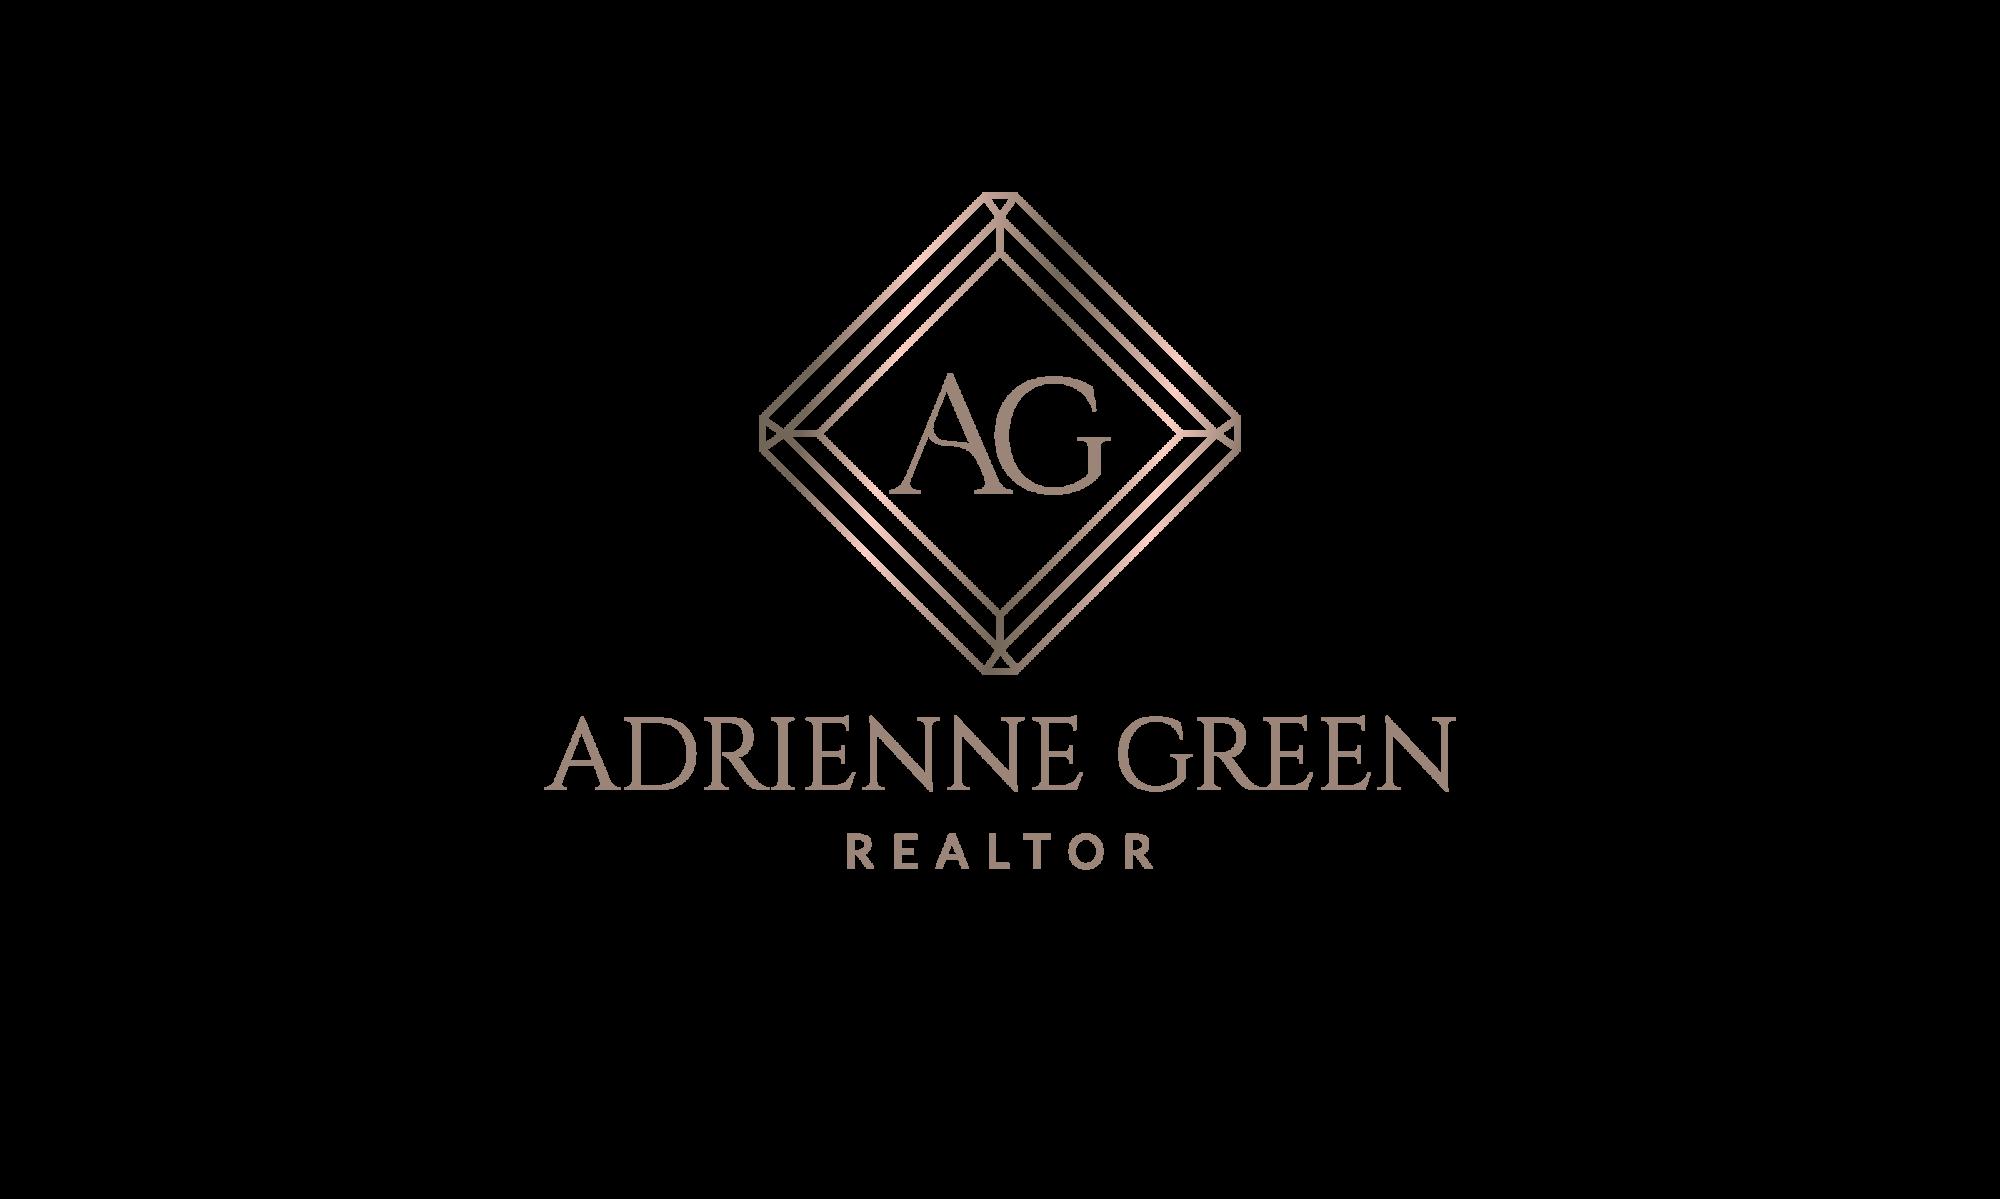 Adrienne Green, Realtor